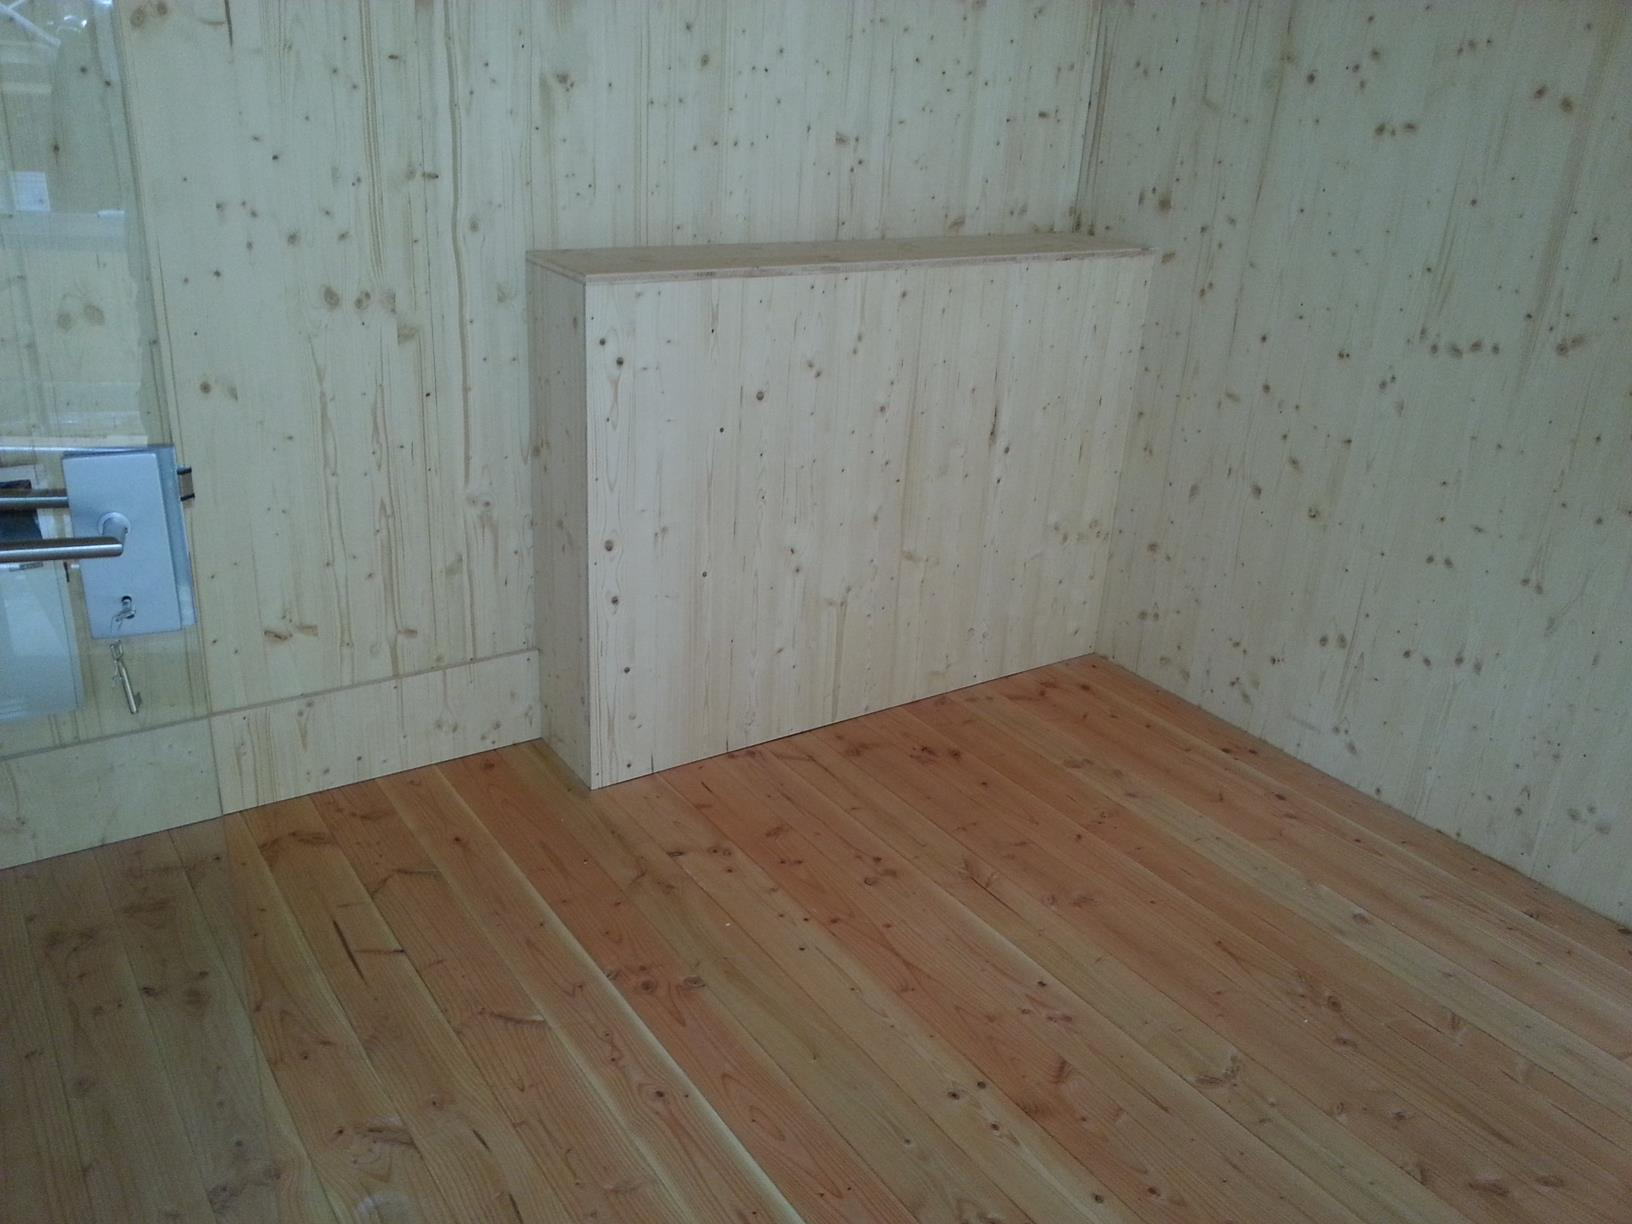 exklusives gartenb ro in hamburg werner ettwein gmbh. Black Bedroom Furniture Sets. Home Design Ideas